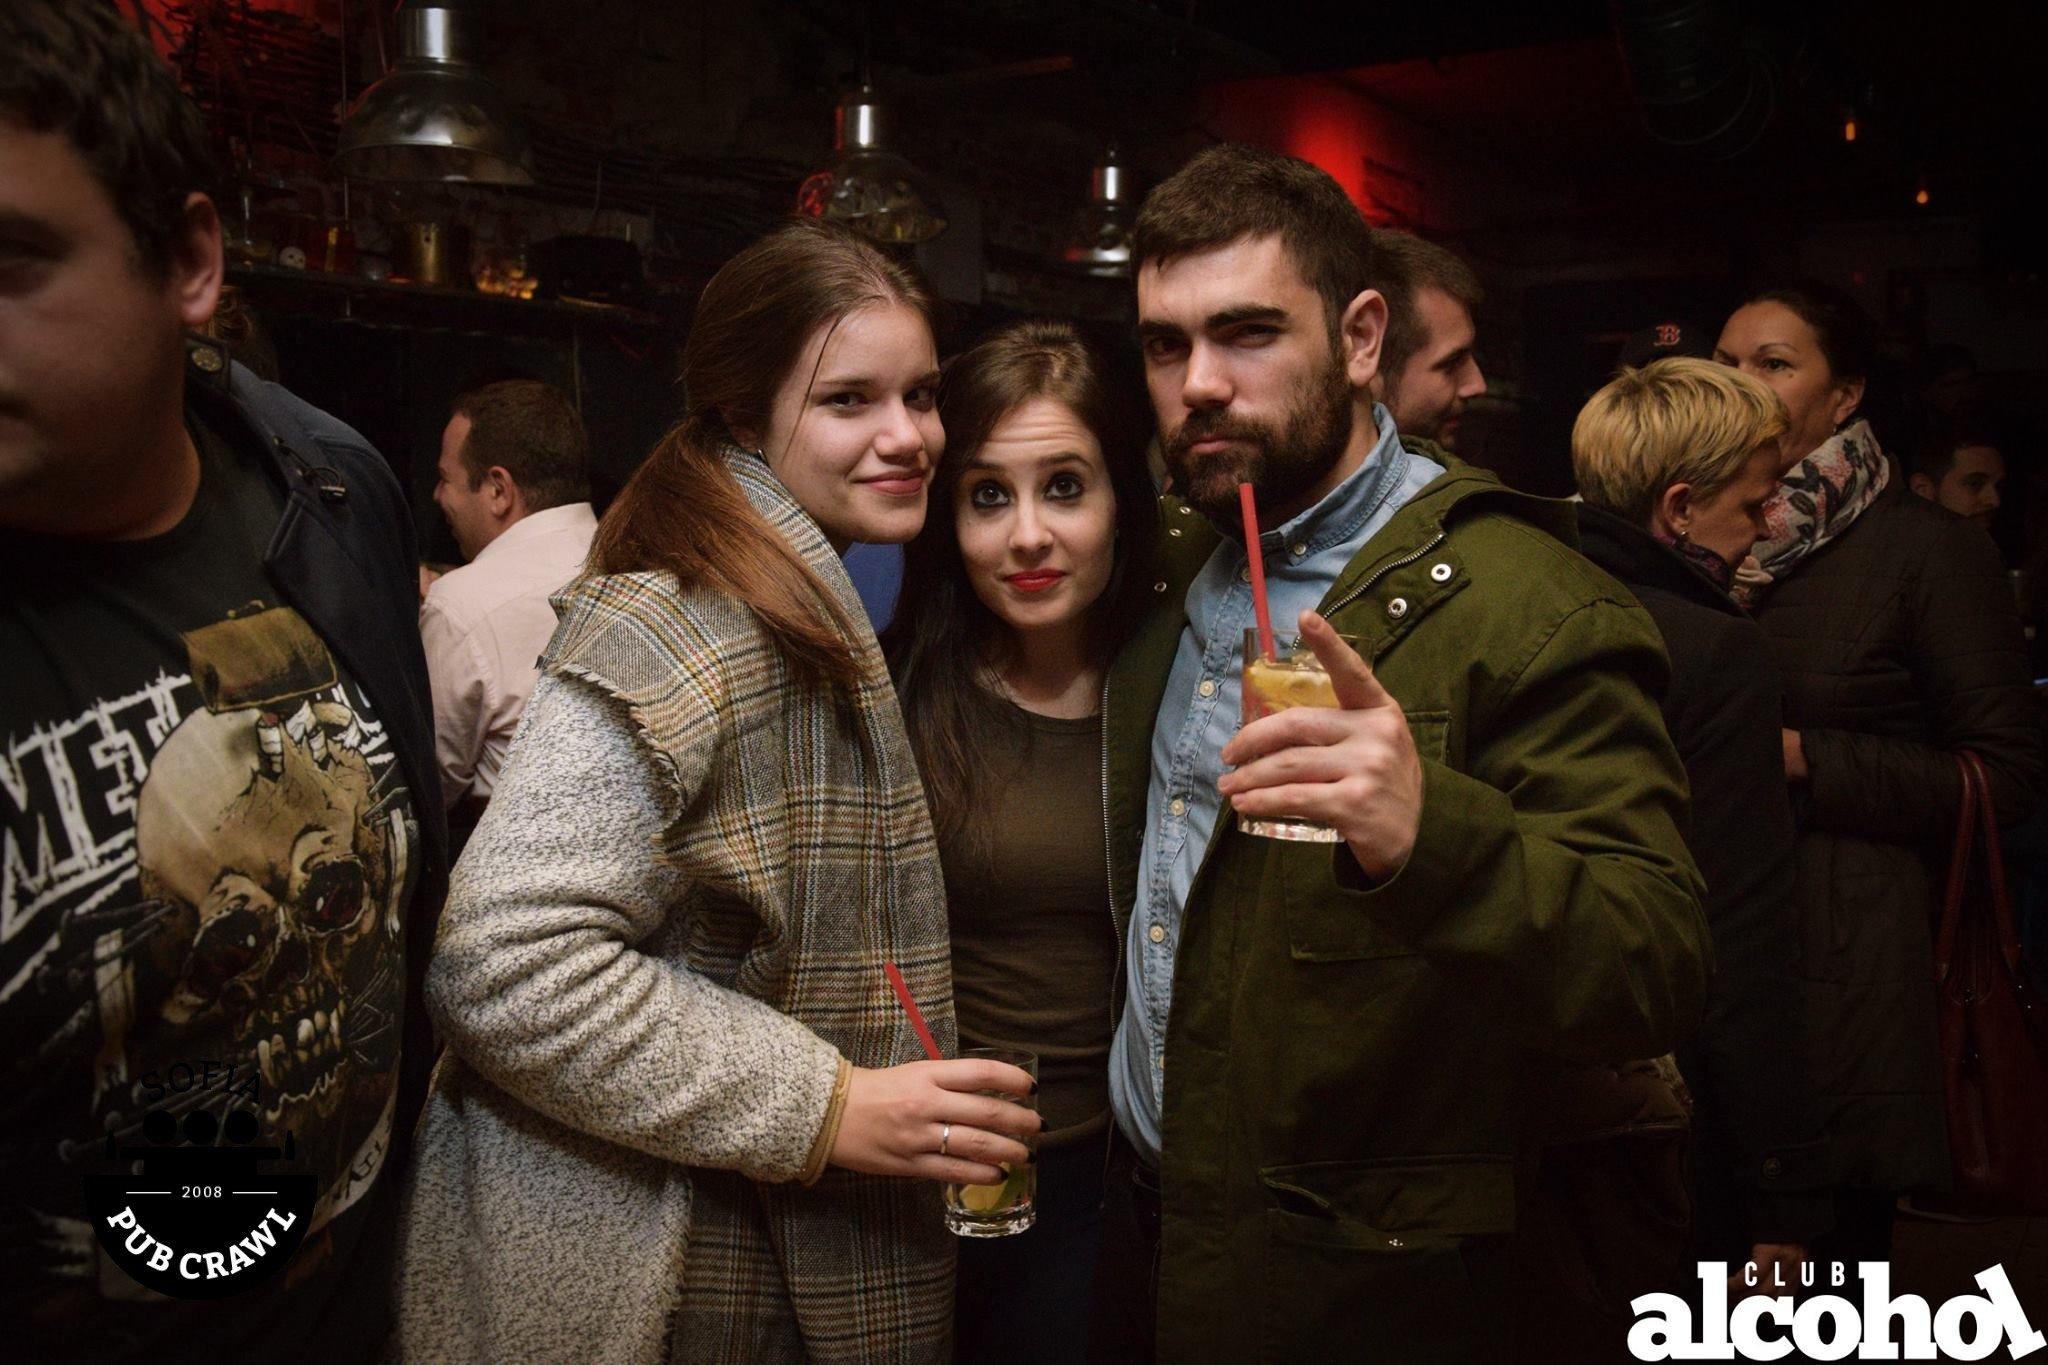 people enjoying sofia nightlife with sofia pub crawl in club alcohol